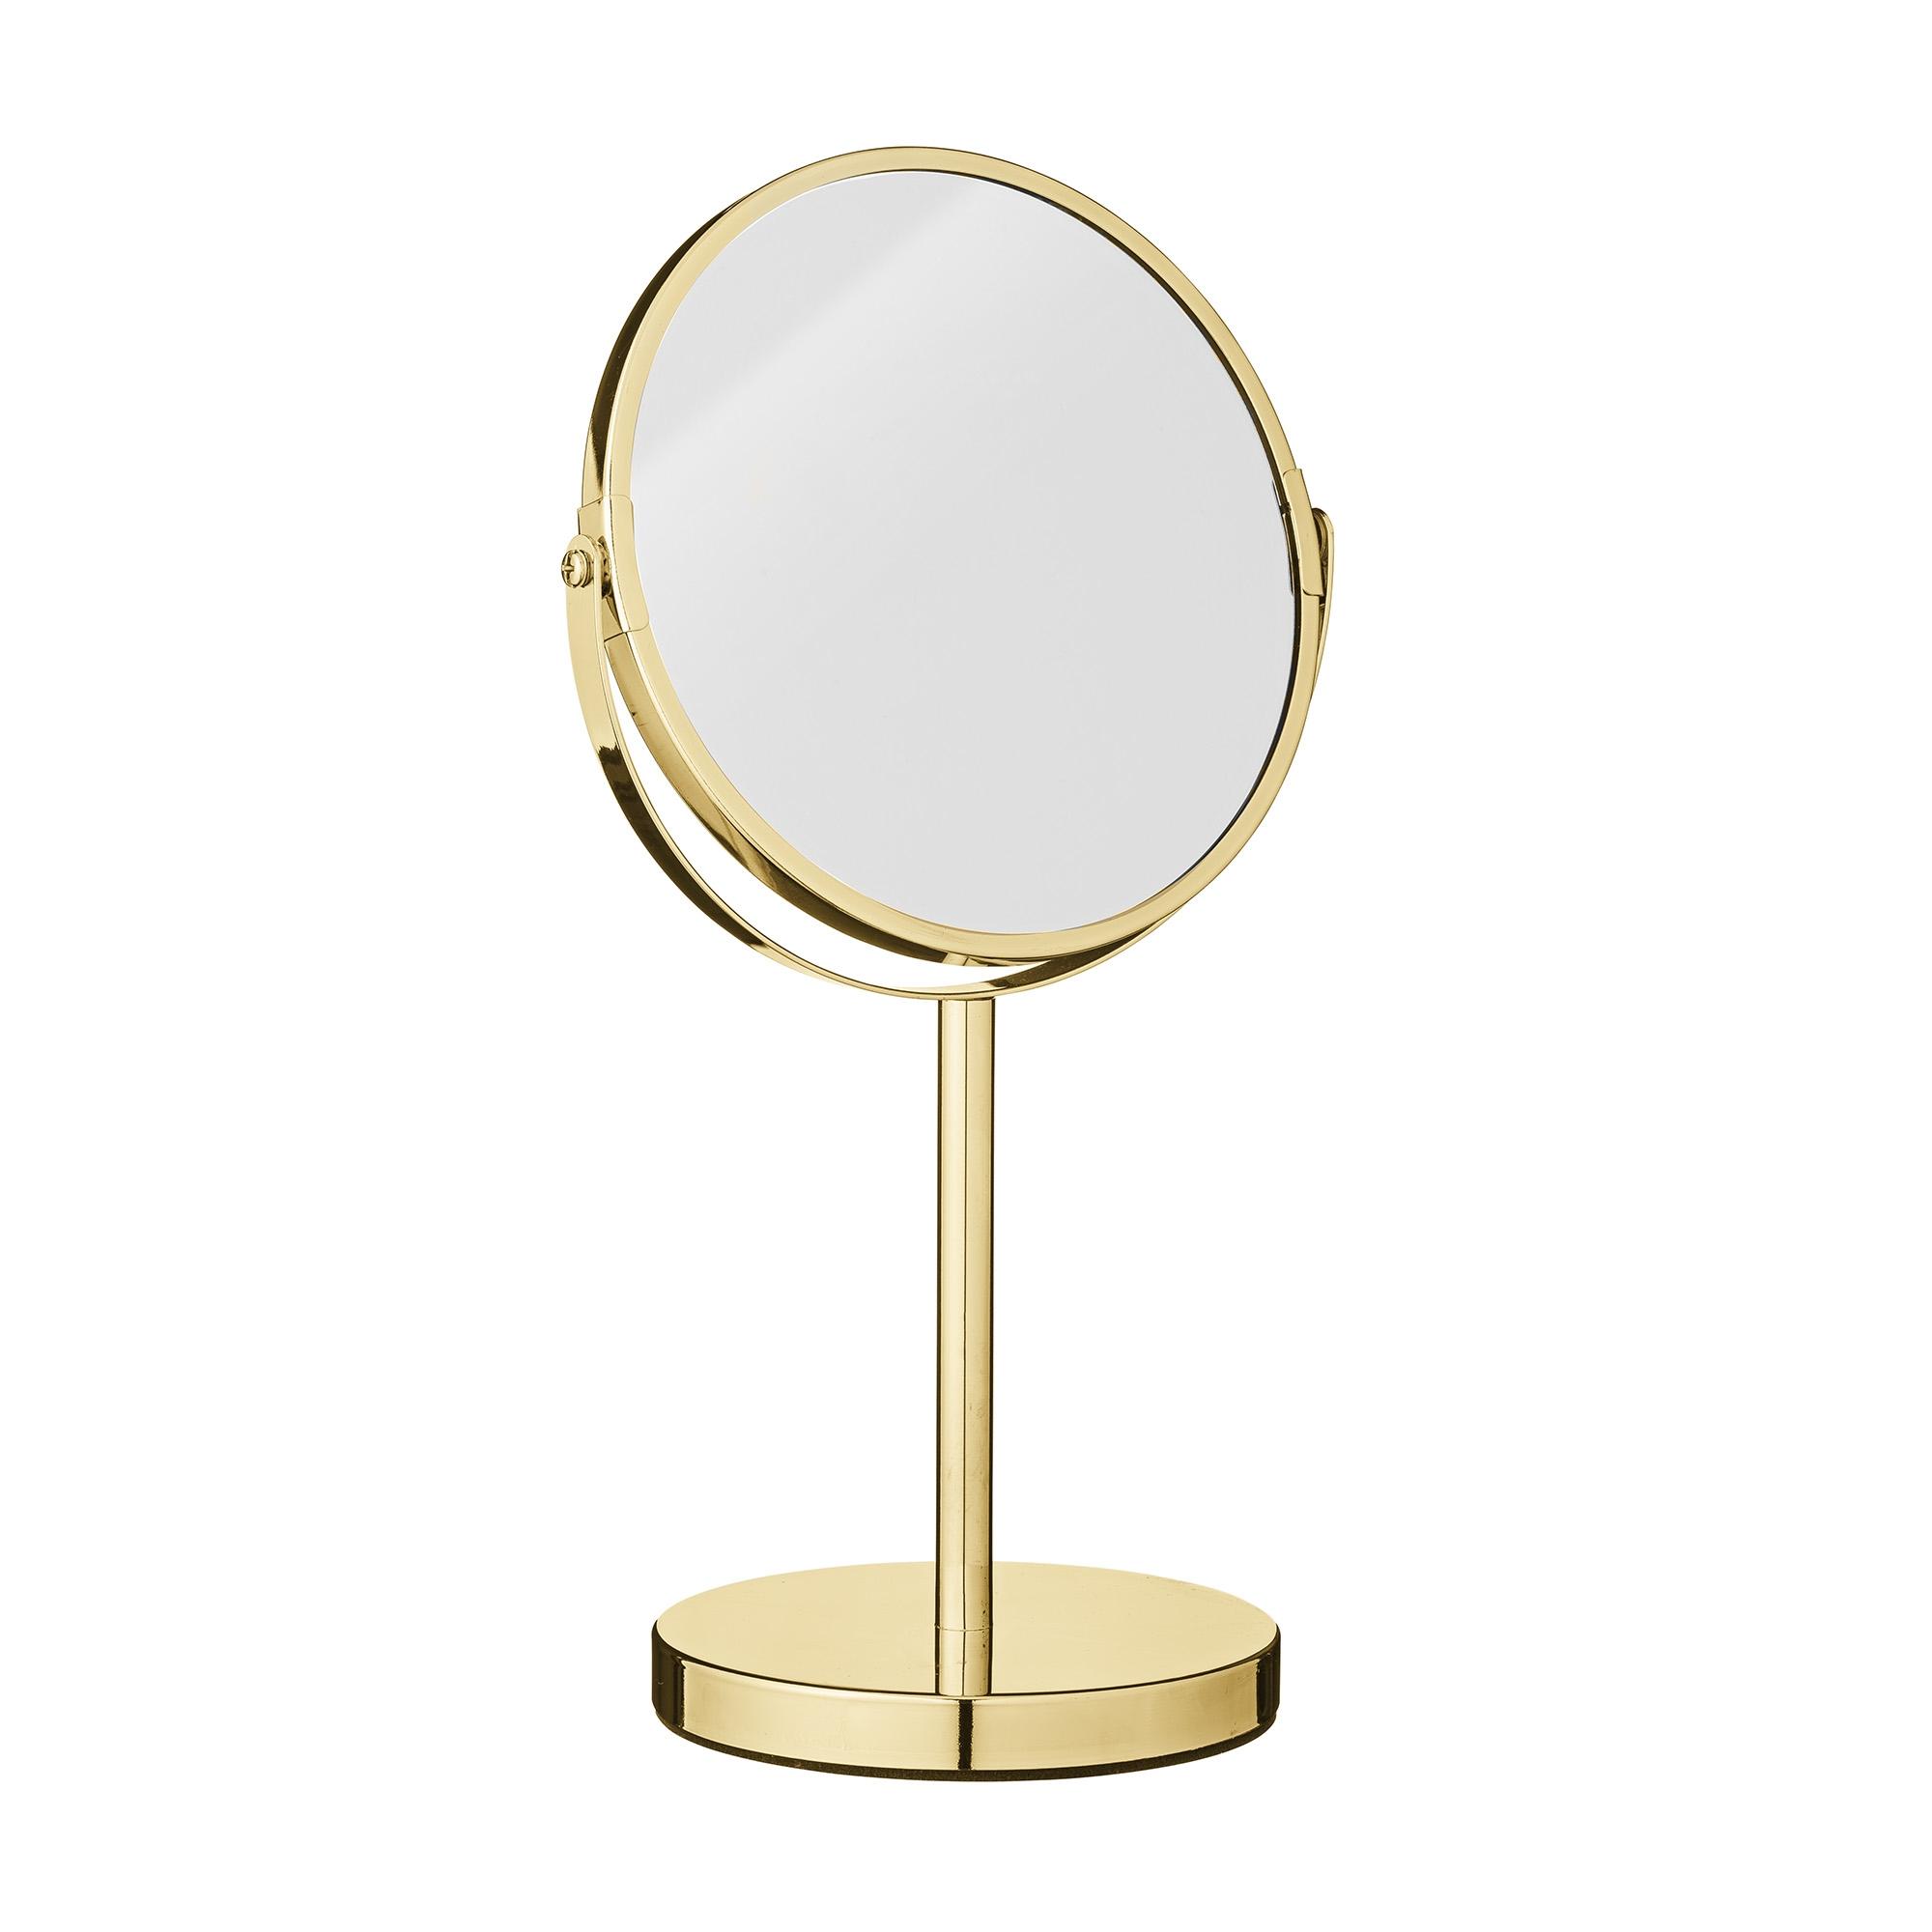 Oglinda cosmetica de masa, Goldy Auriu, Ø20xH35 cm